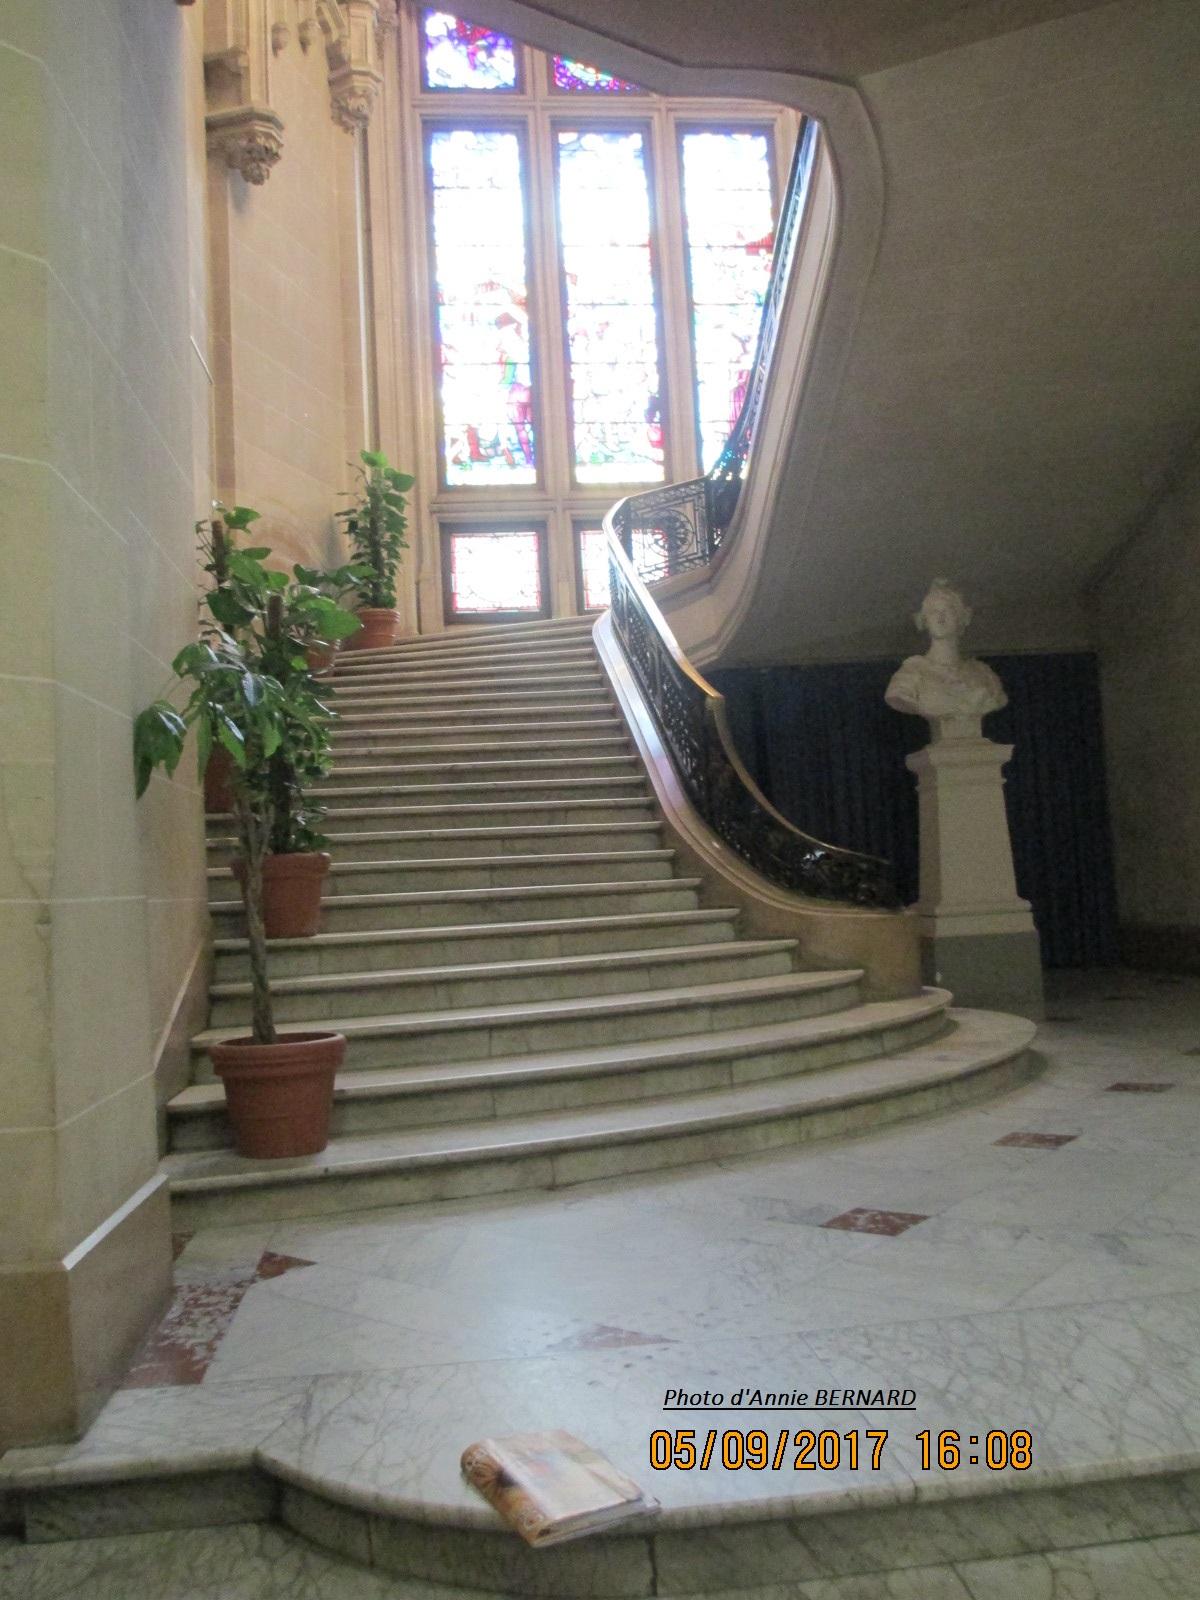 Bel escalier de l'Hôtel de ville de Calais